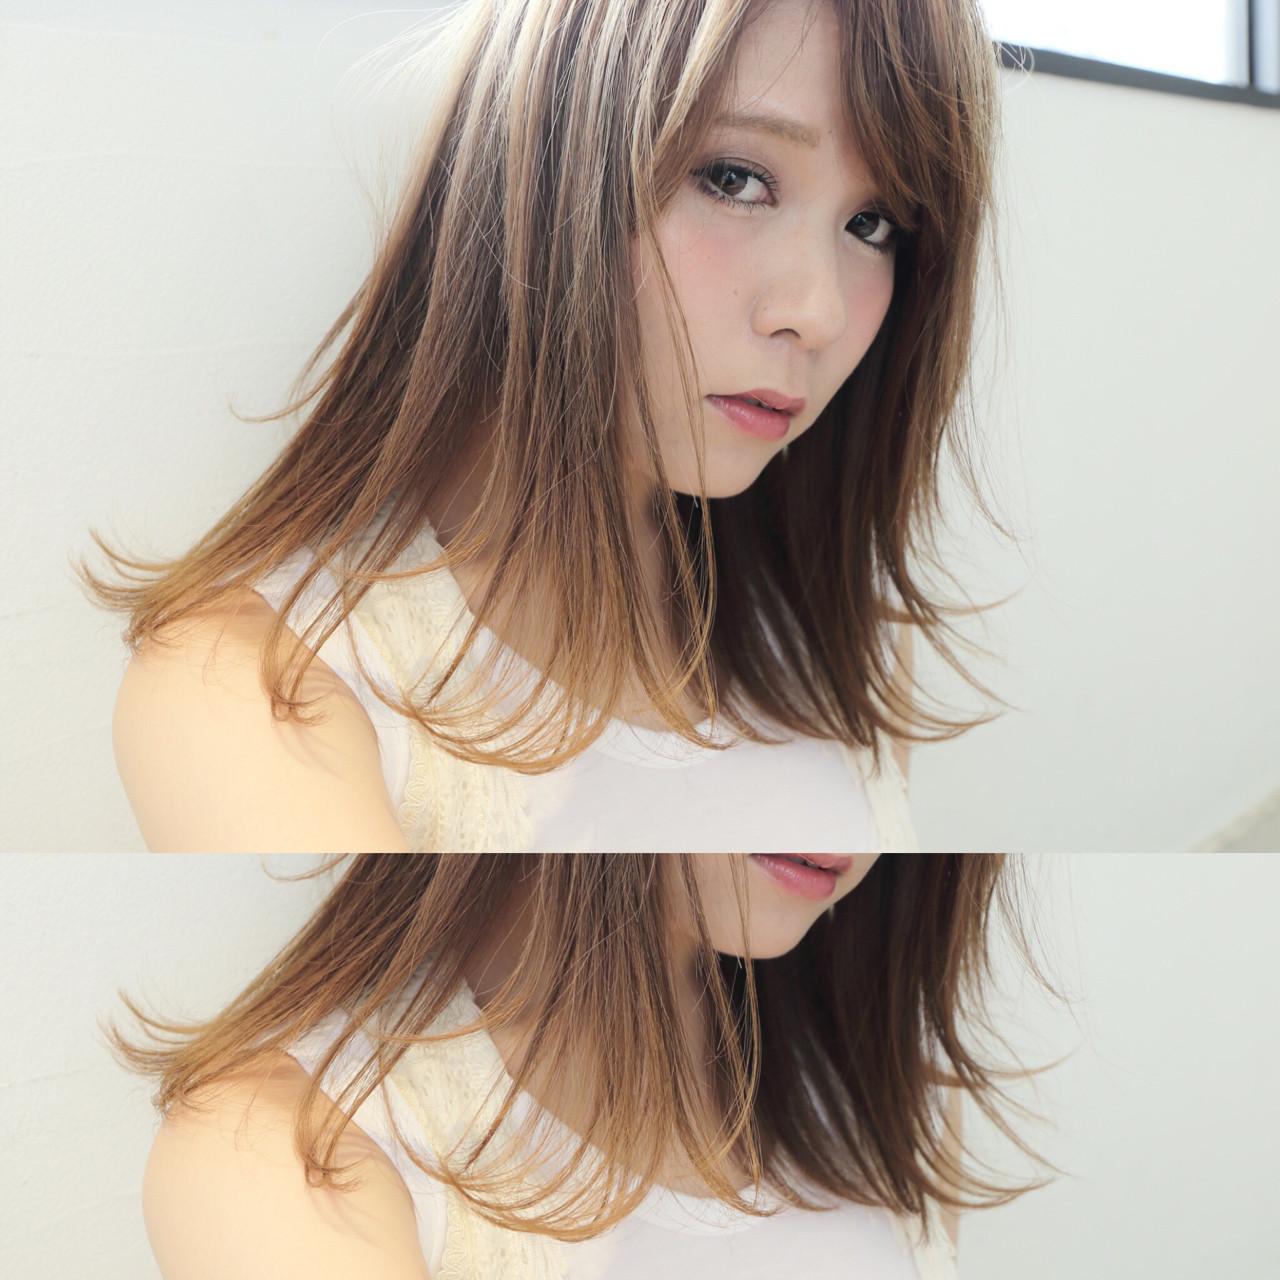 ミディアム フェミニン 外国人風 ハイライト ヘアスタイルや髪型の写真・画像